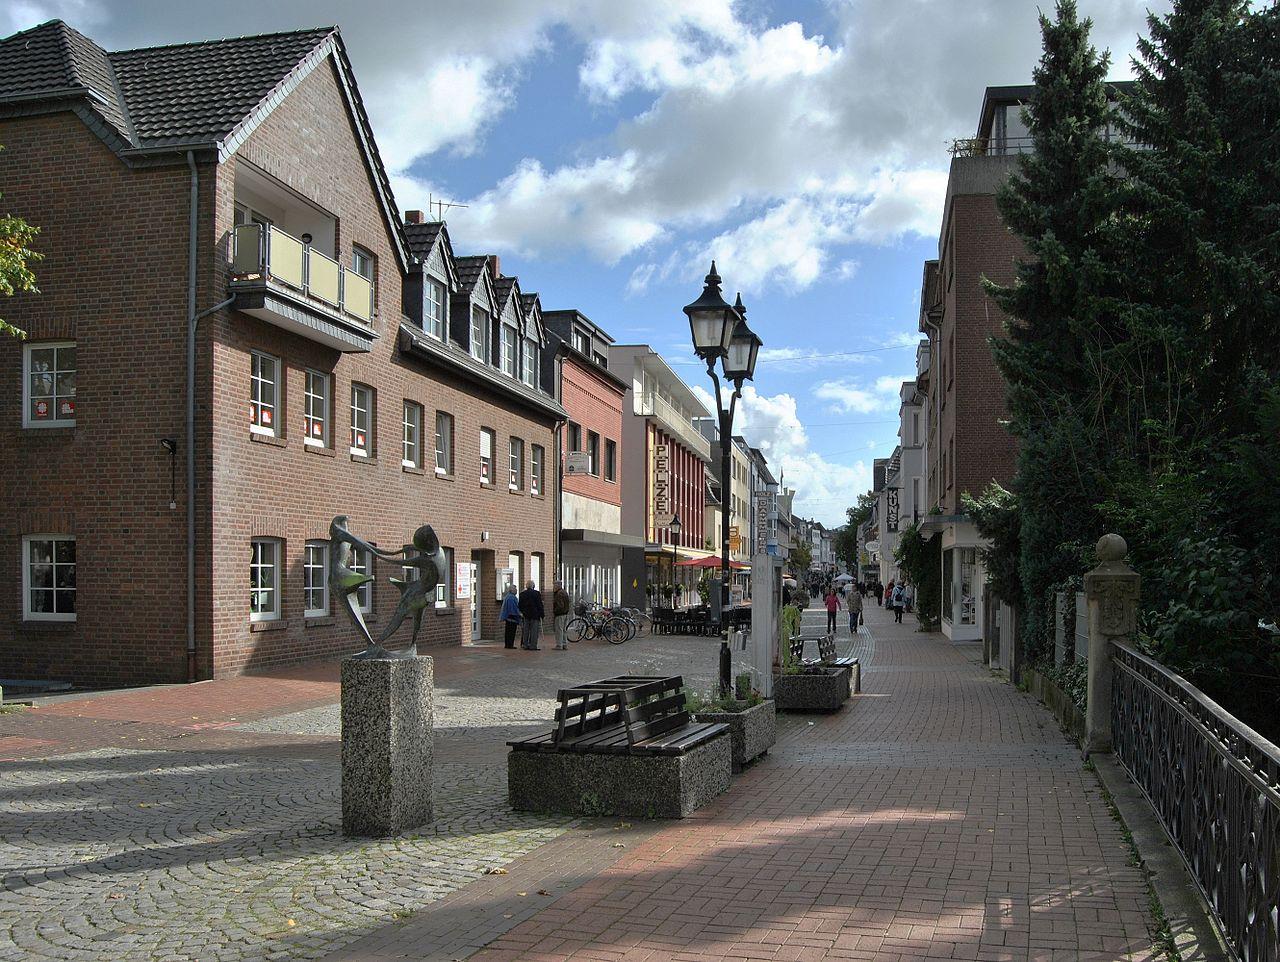 Мёрс, Германия: интересные достопримечательности, топ-5 интересных дел и занятий, лучшие рестораны, отзывы туристов